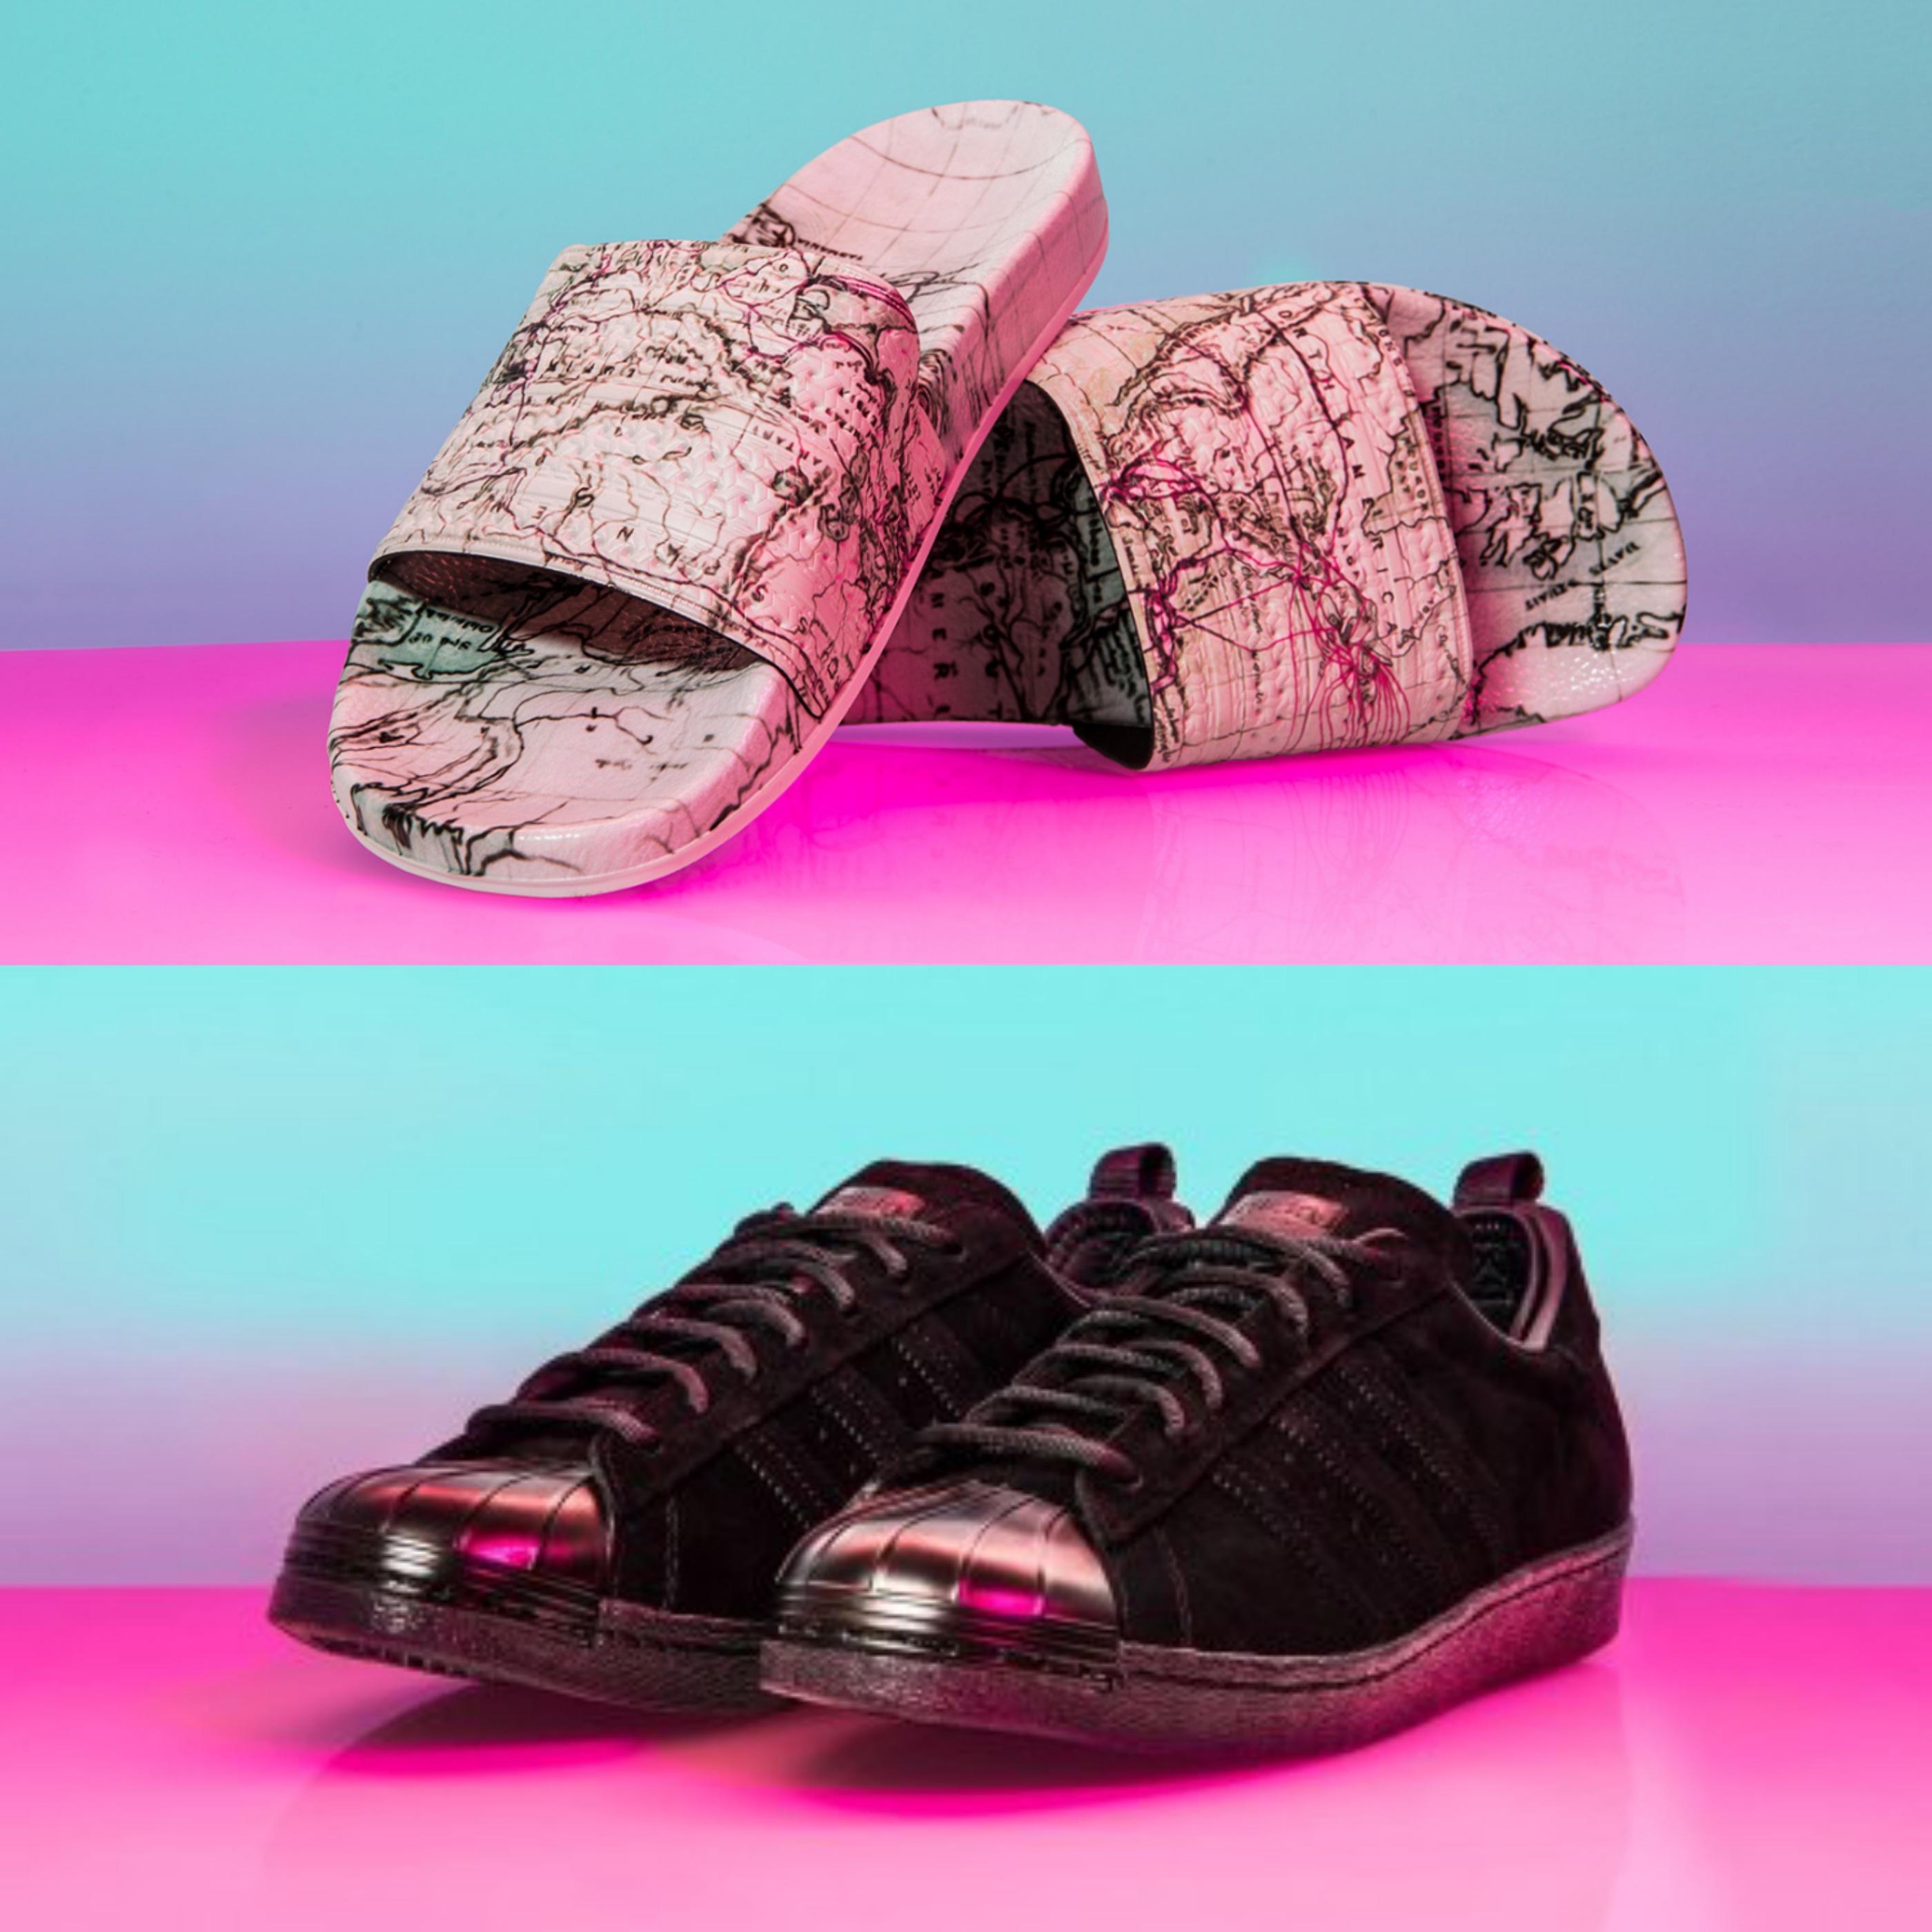 sale retailer 2efc8 ed14d adidas  Kicks Off Court  Lifestyle  Retro Lifestyle ...